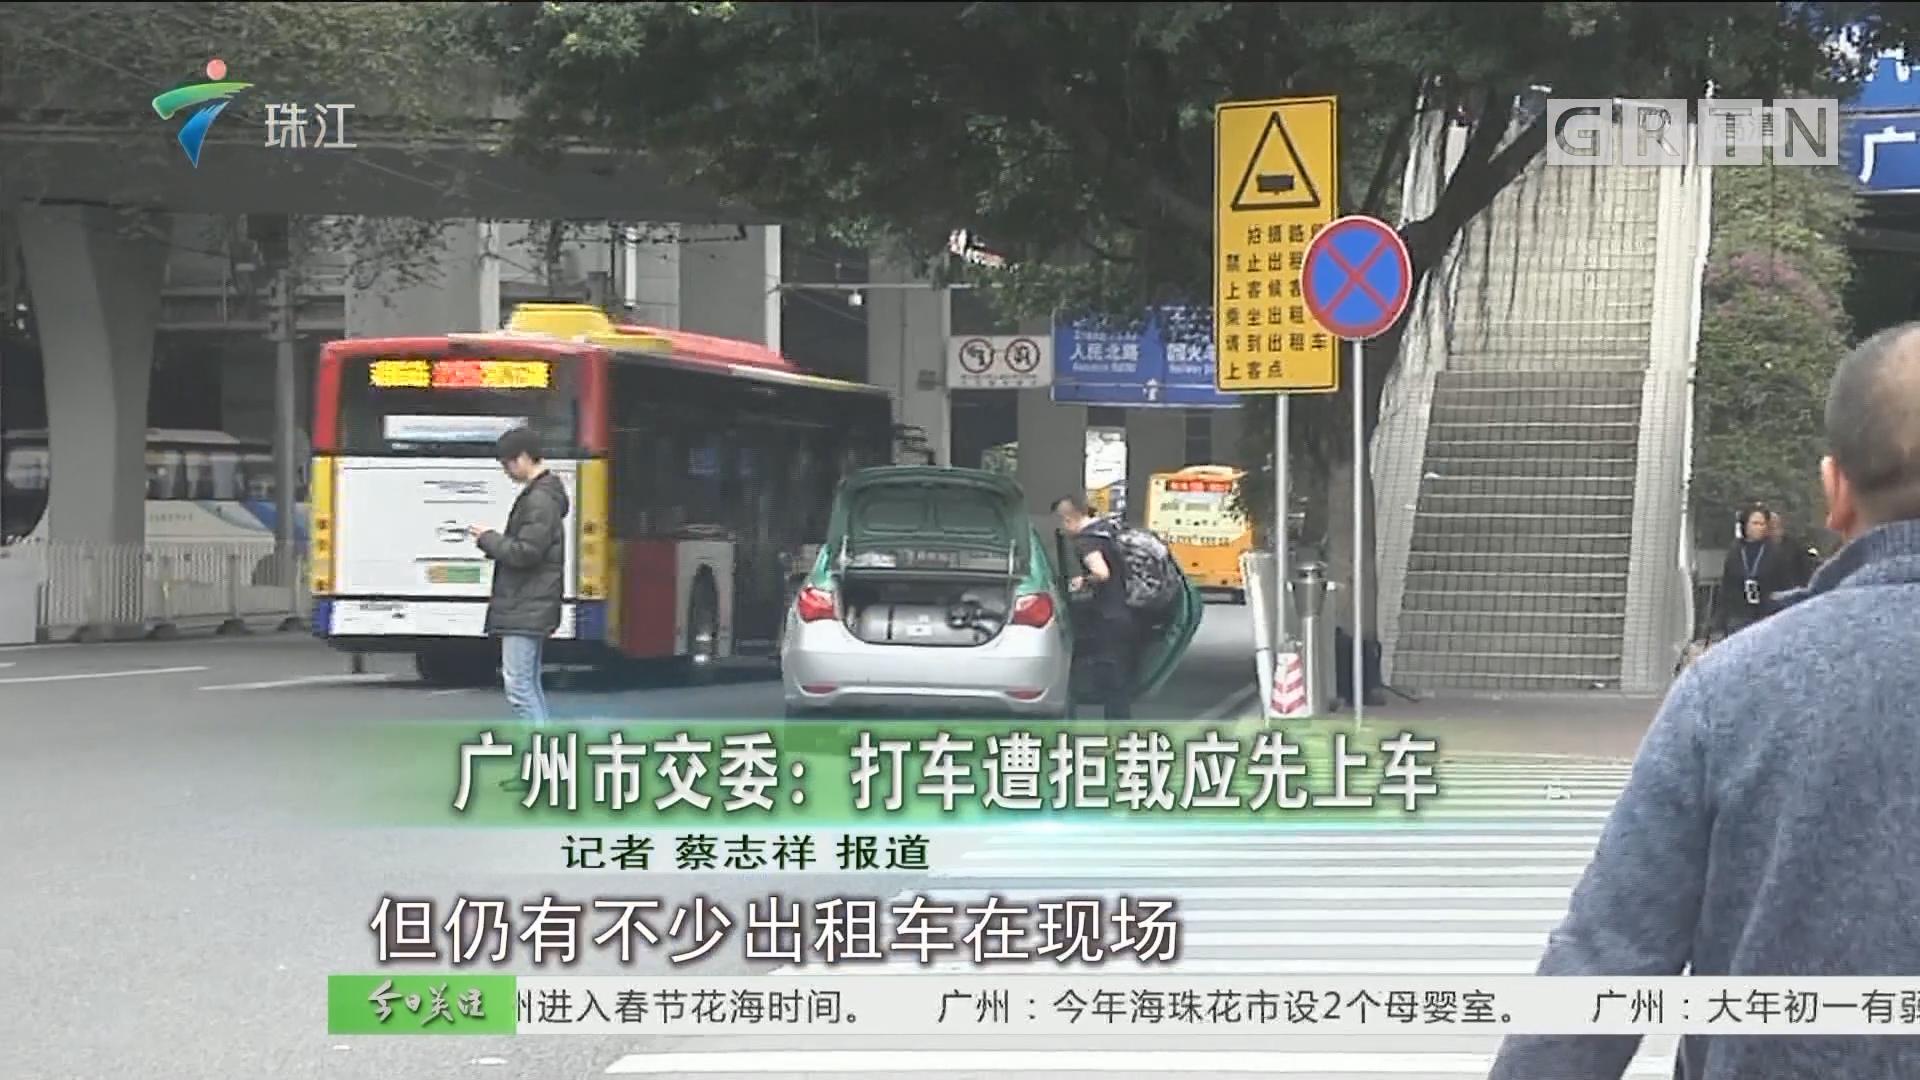 广州市交委:打车遭拒载应先上车